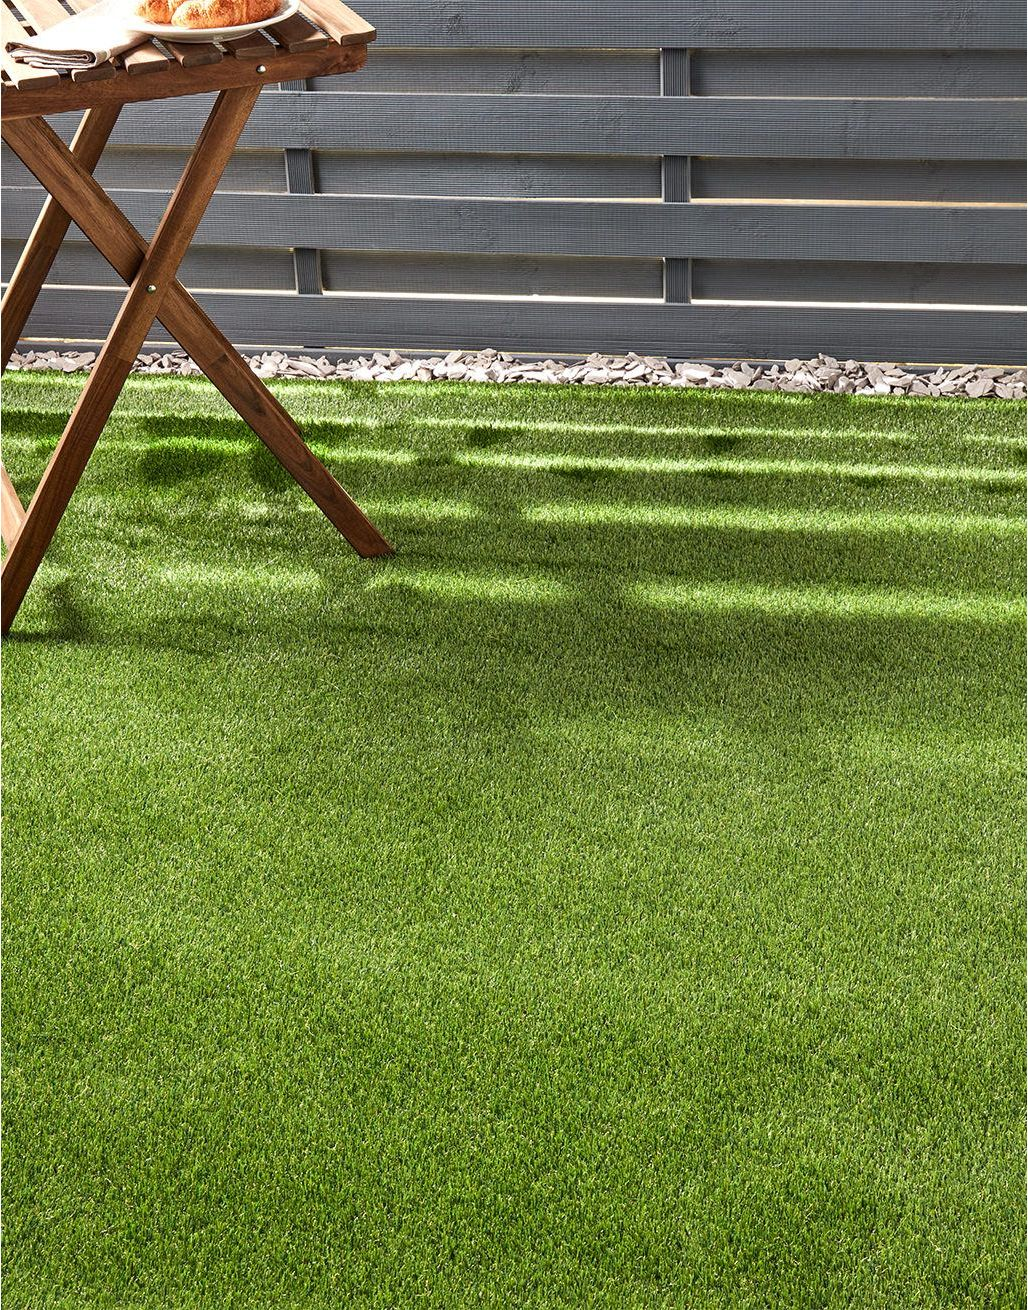 Astro Turf Garden >> Artificial Grass Turf Nouveau 32mm Artificial Grass Astro